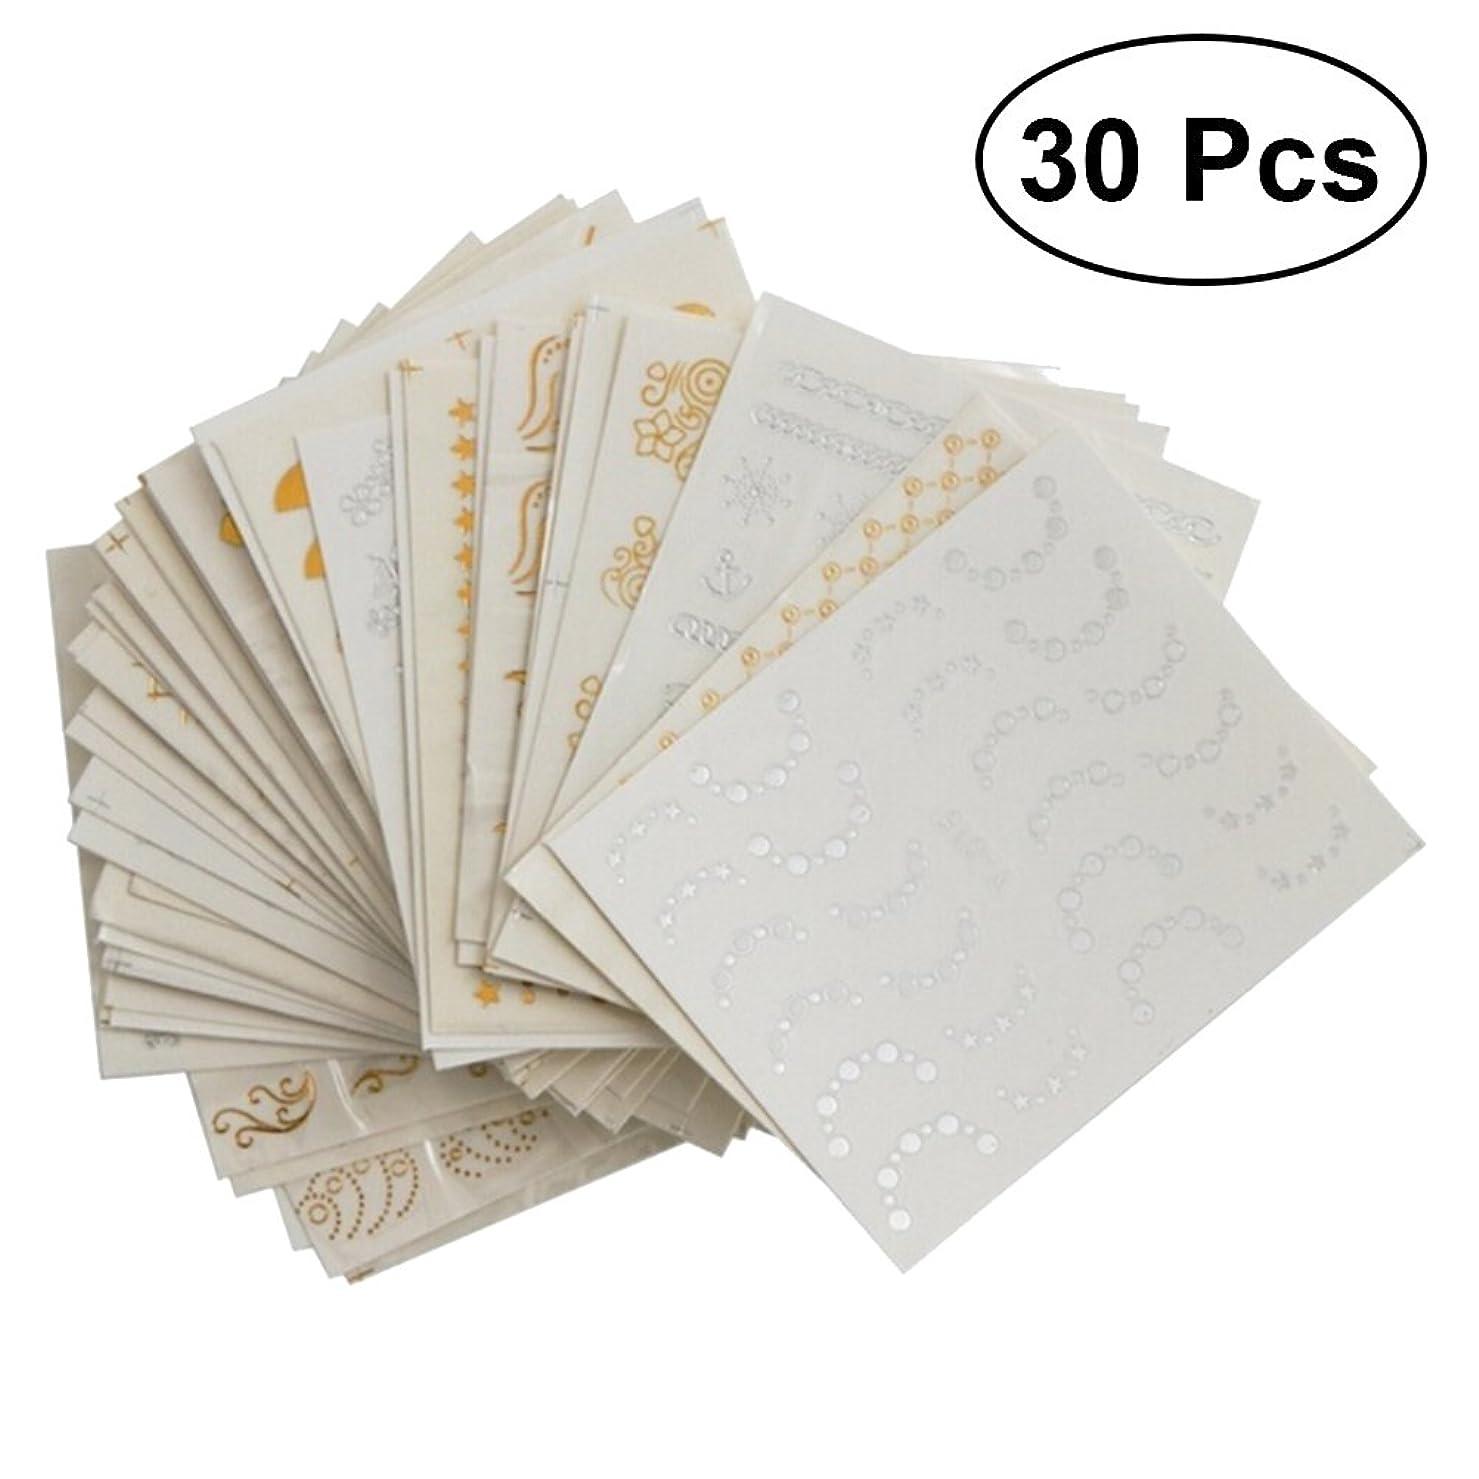 順応性ペグフラスコROSENICE ネイルシール 30枚 ステッカー 金 銀 ネイルアート DIY 手芸 貼るだけでいい ランダムパターン